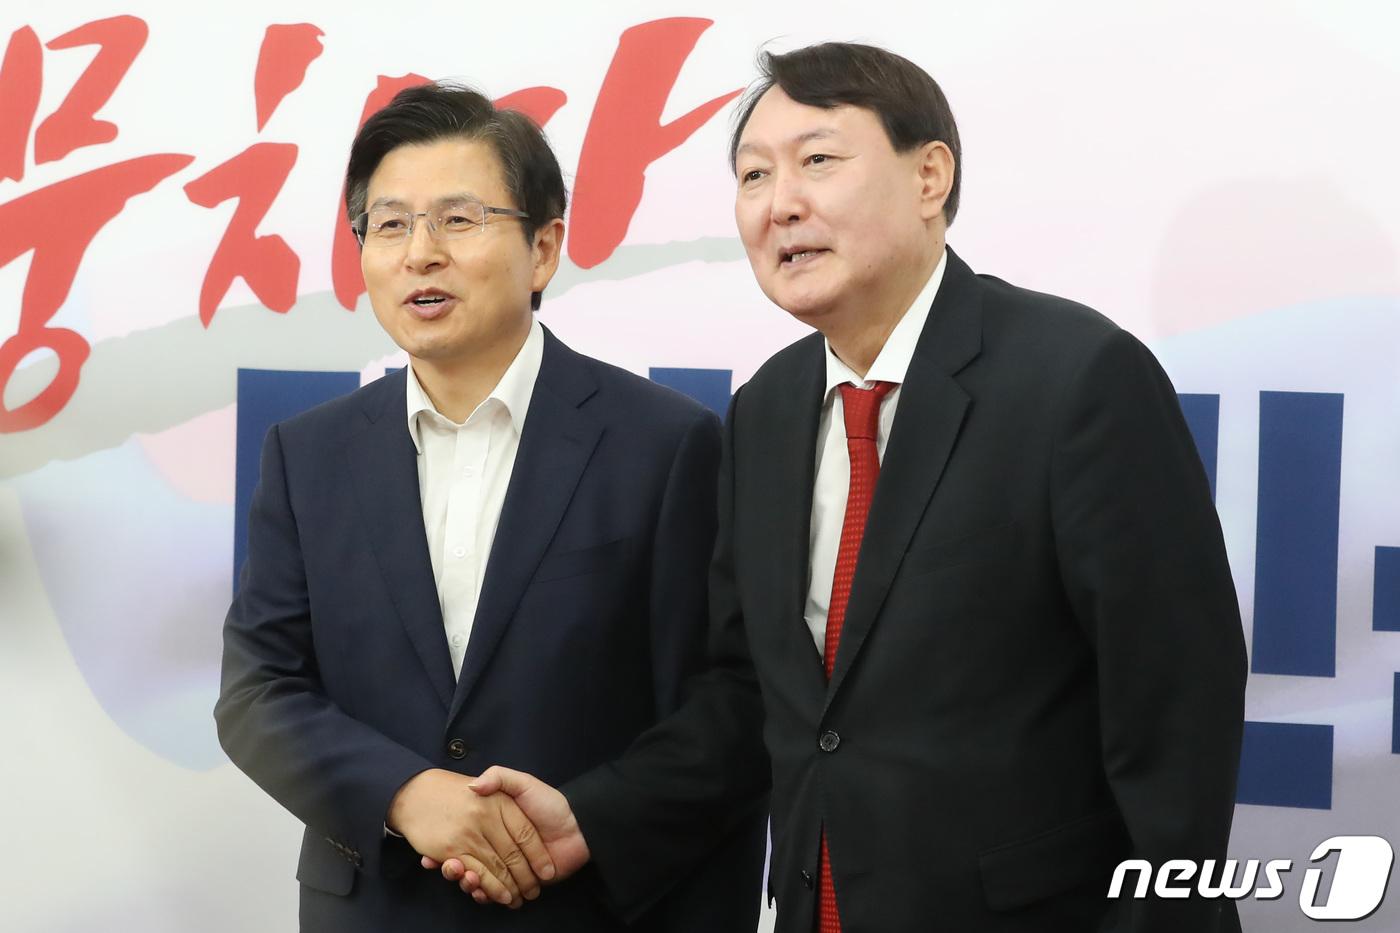 윤석열 만난 한국당, 균형 있는 인사-공정한 수사 당부(종합)